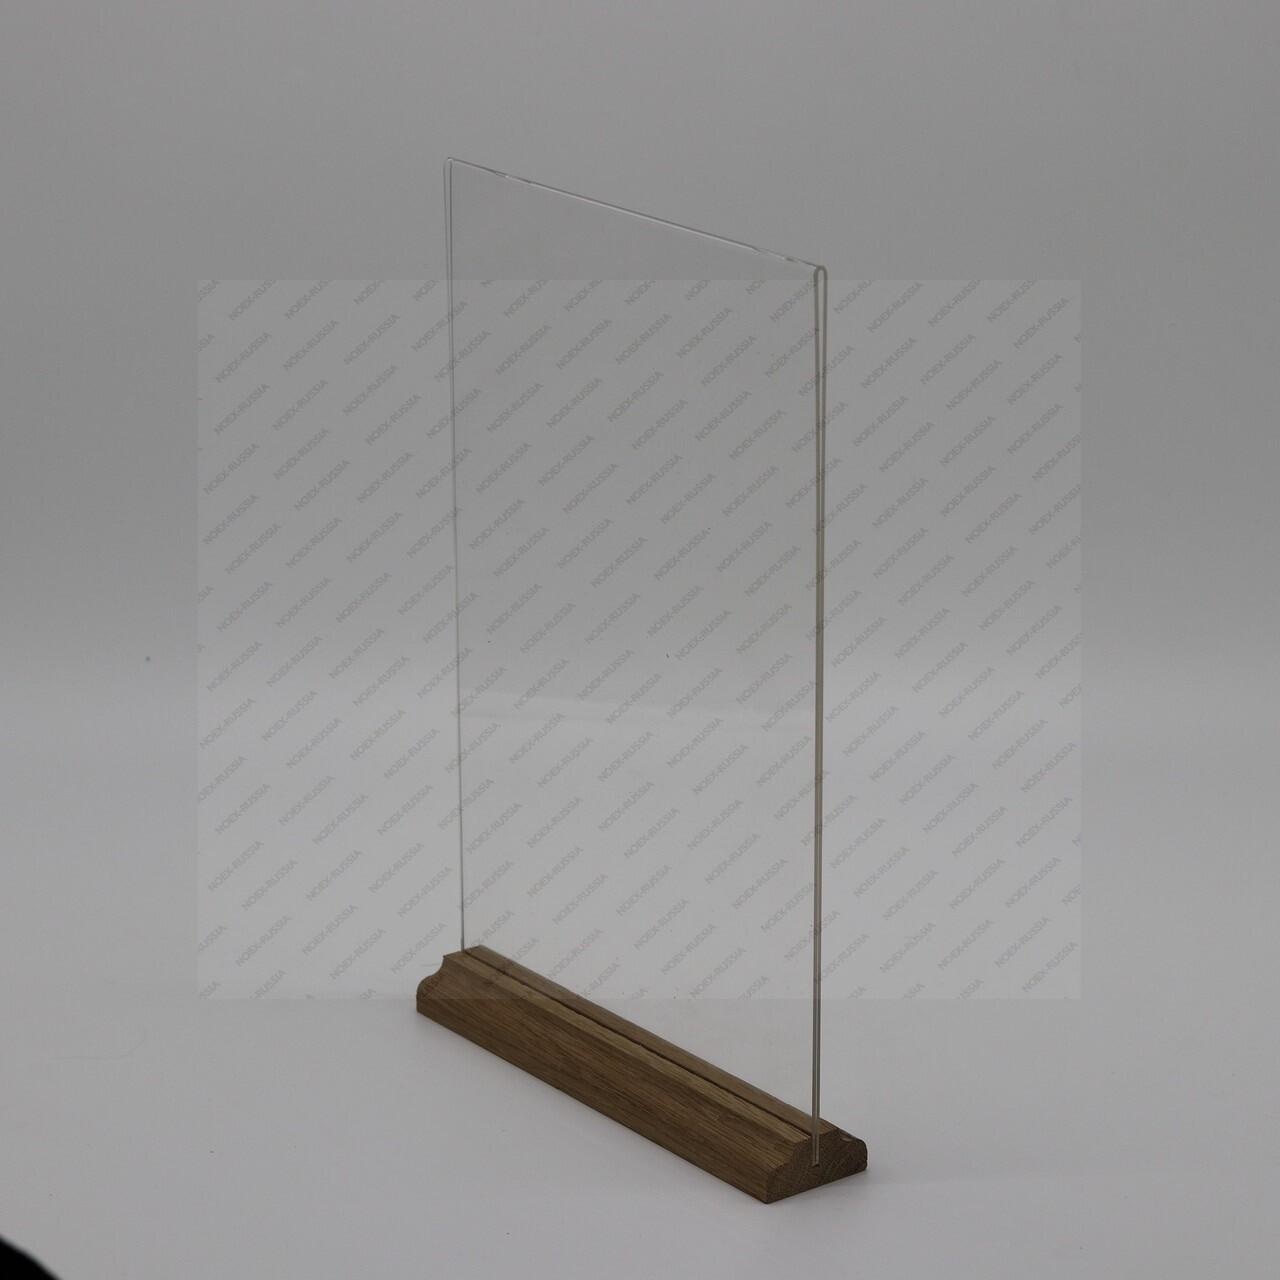 тейбл тентов А6 от производителя вертикальных с деревянным основанием